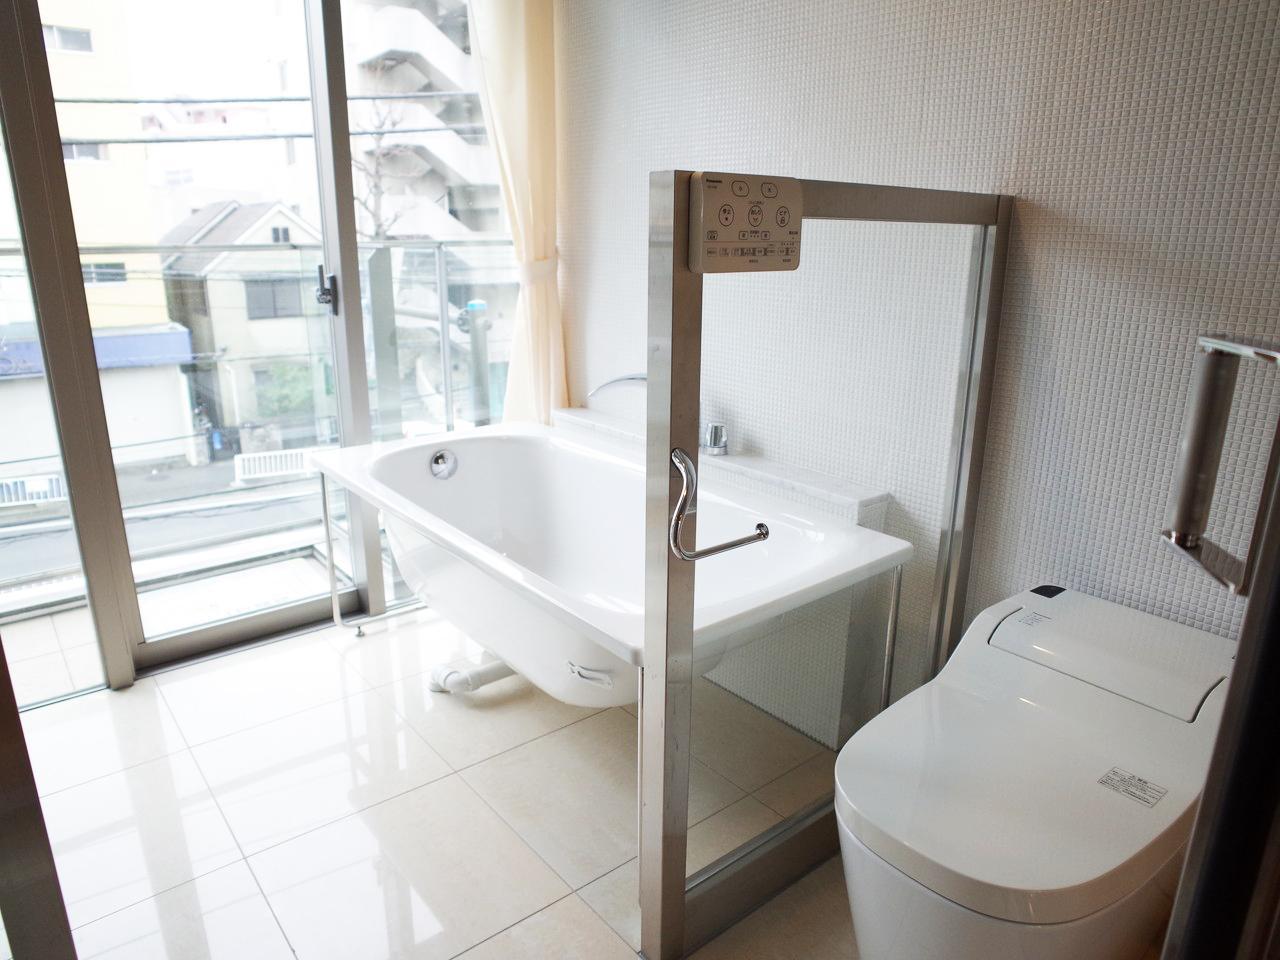 ワンルームには珍しい、ぜいたくな仕様のバスルーム